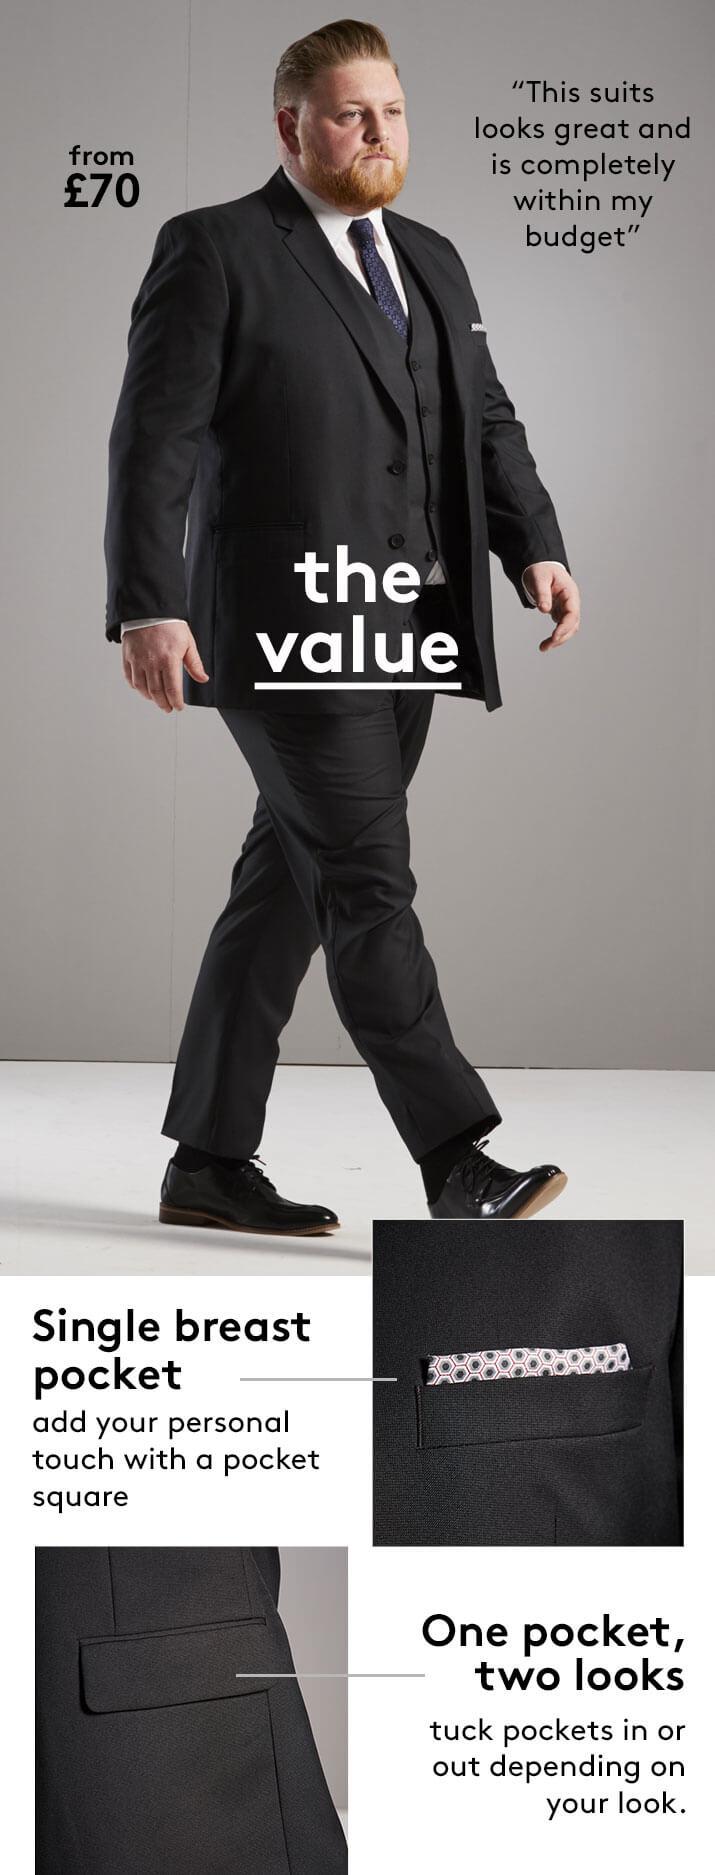 The value suit